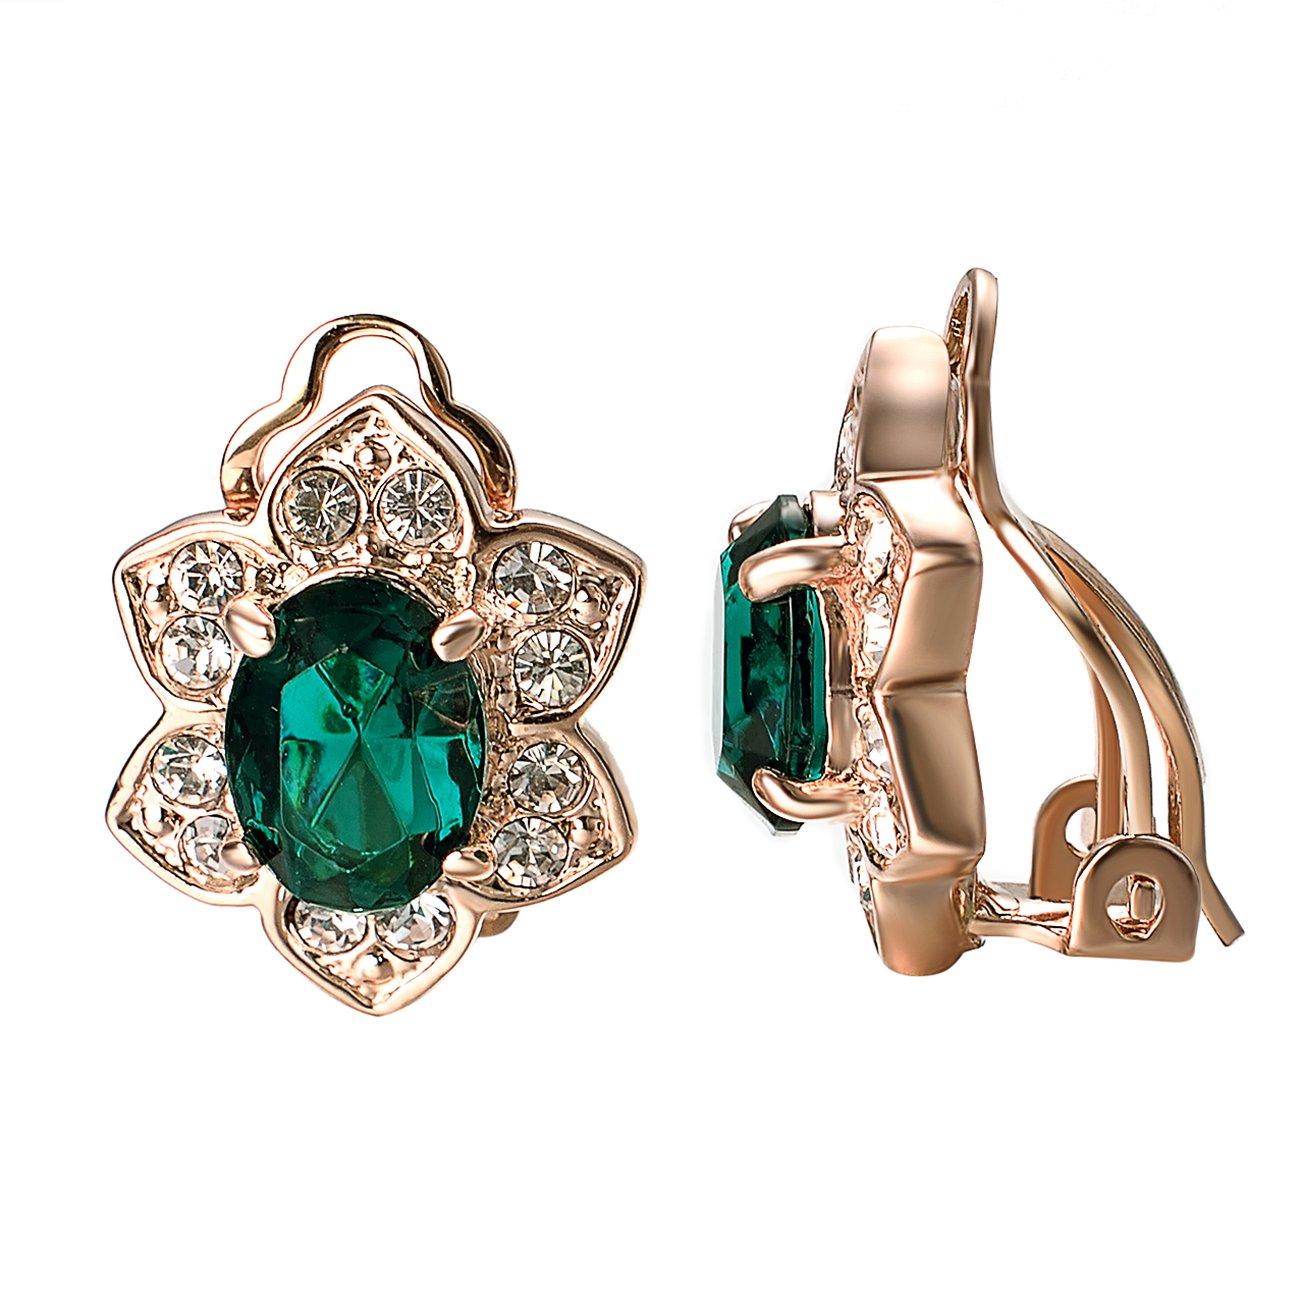 Yoursfs Flower Clip On Earrings for Women Non Pierced Ears Crystal Wedding jewelry (Green)